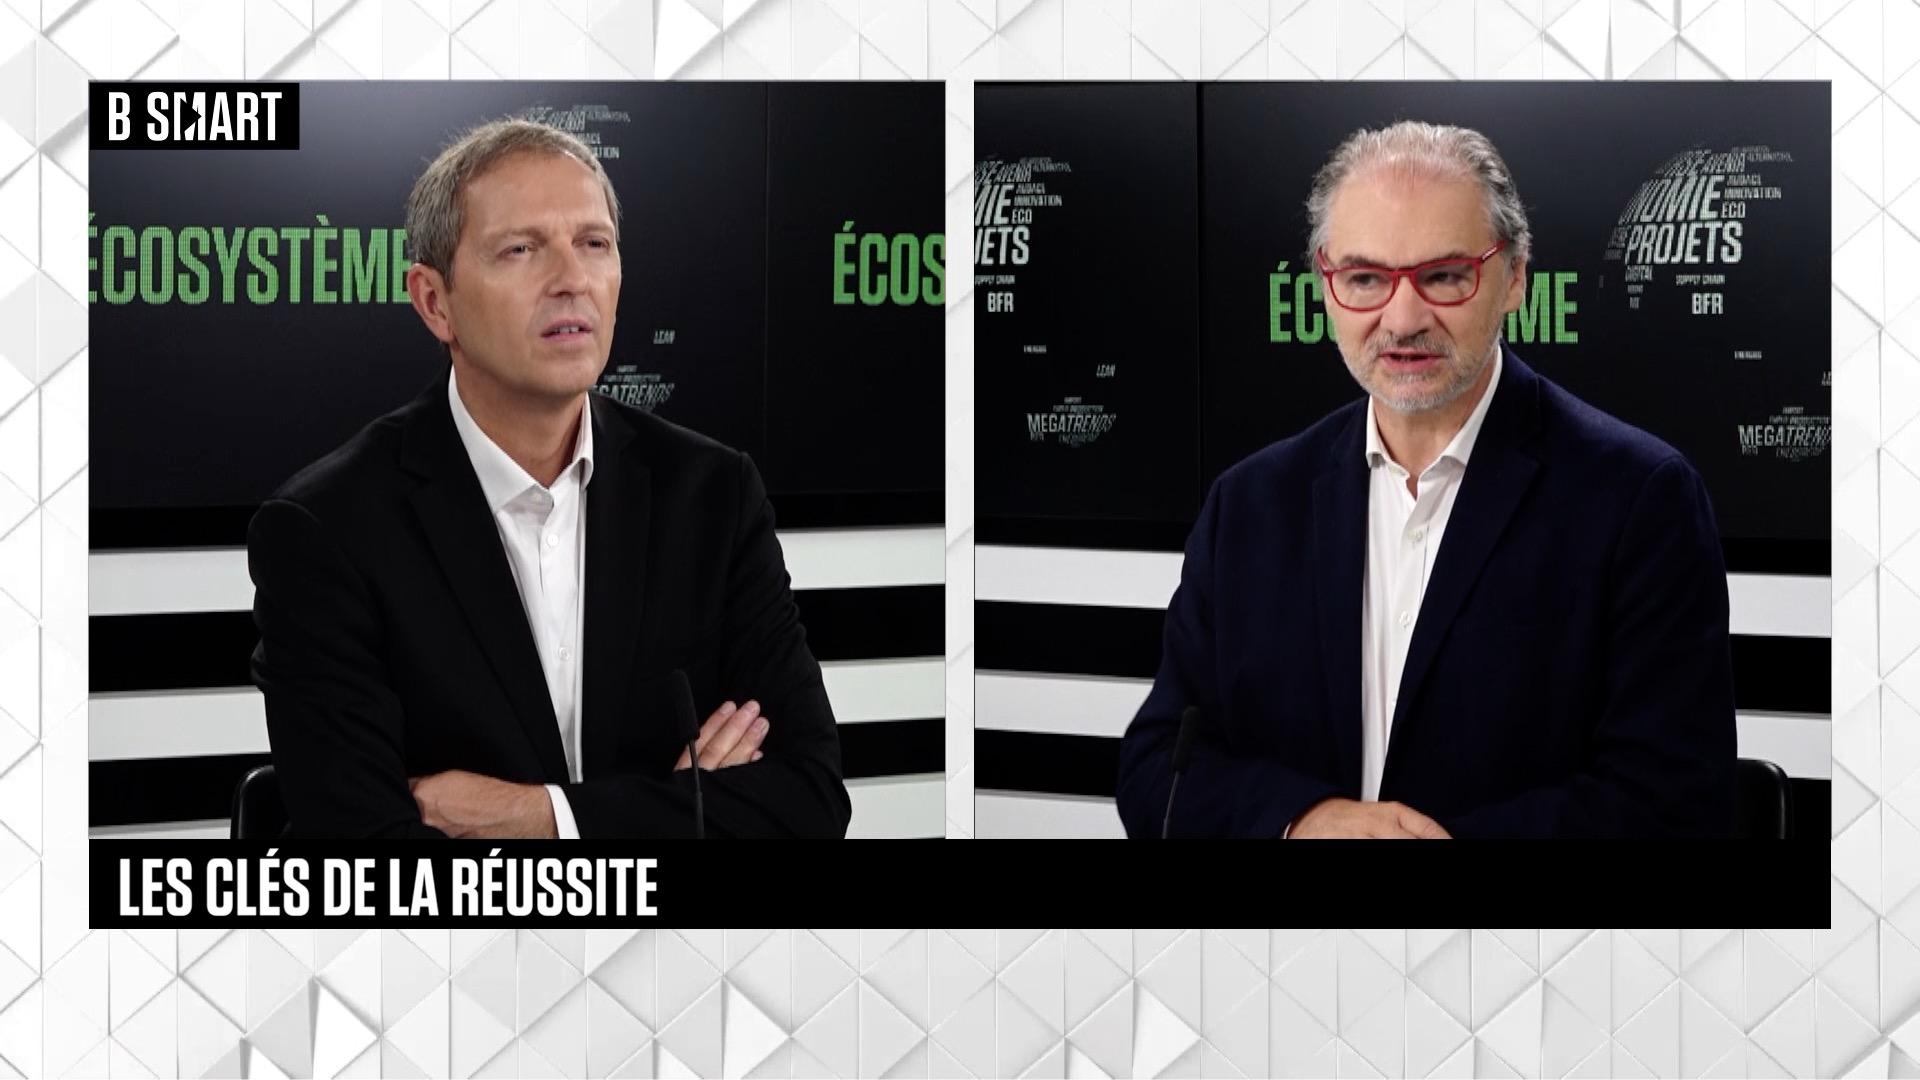 ÉCOSYSTÈME - L'interview de Daniel Vassallucci (Optimum Automotive) et Geneviève Valette (Code Rousseau) par Thomas Hugues